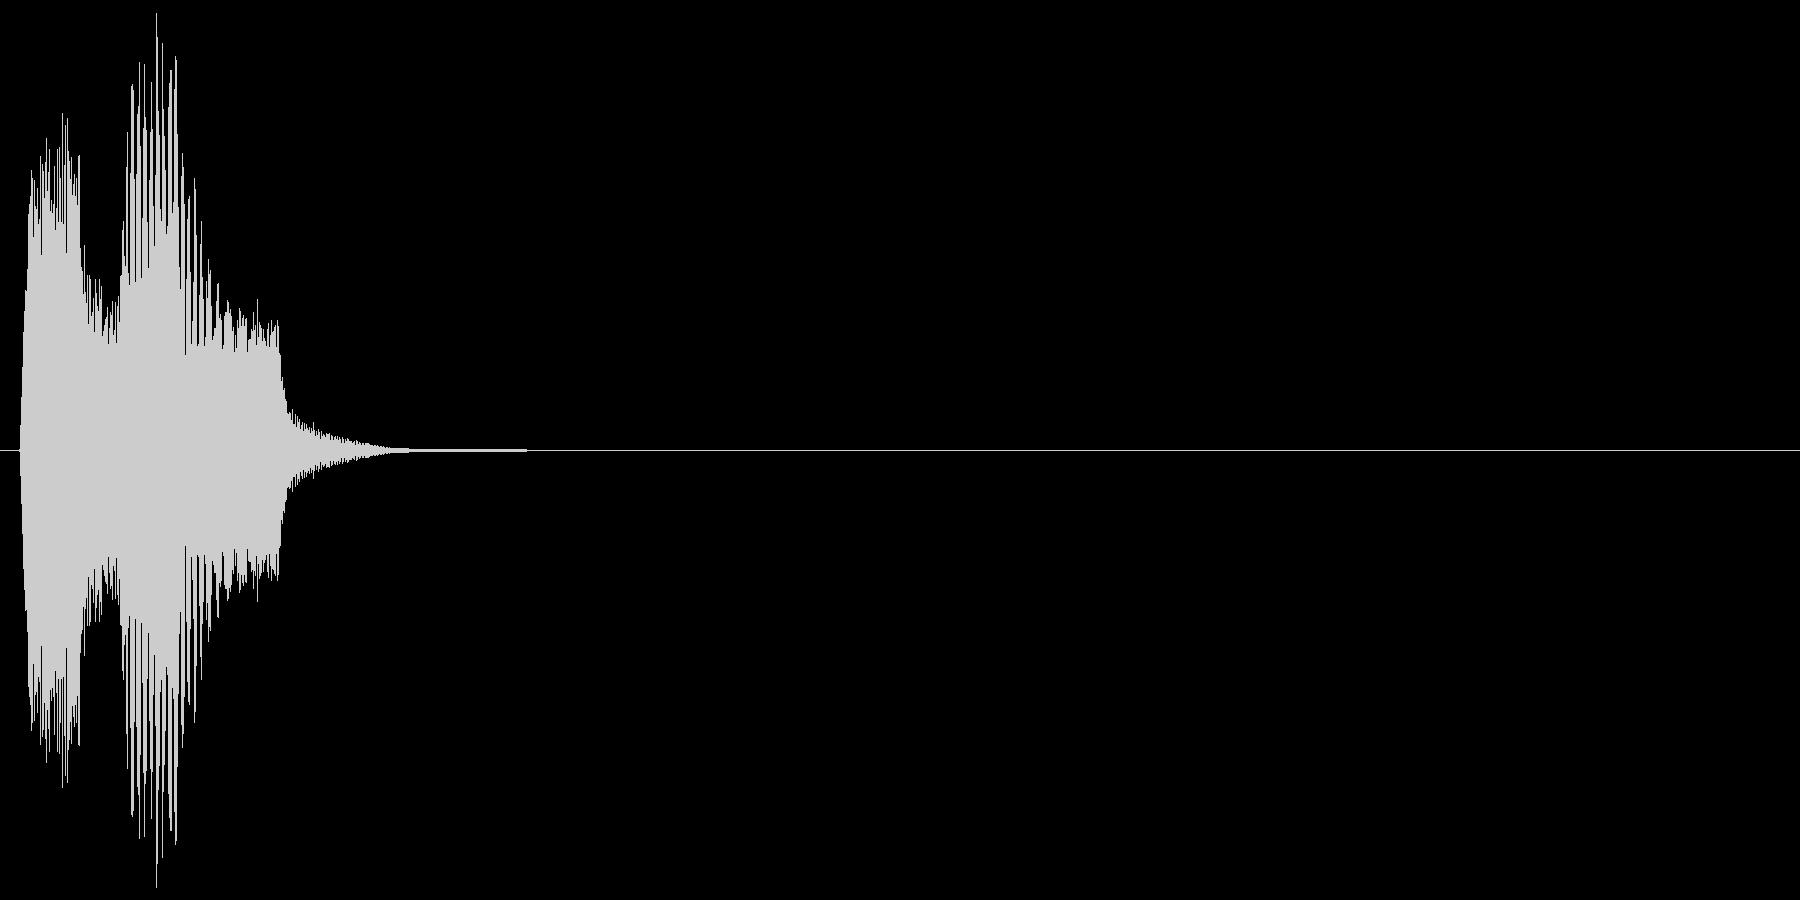 決定_タップ_クリック_200705の未再生の波形